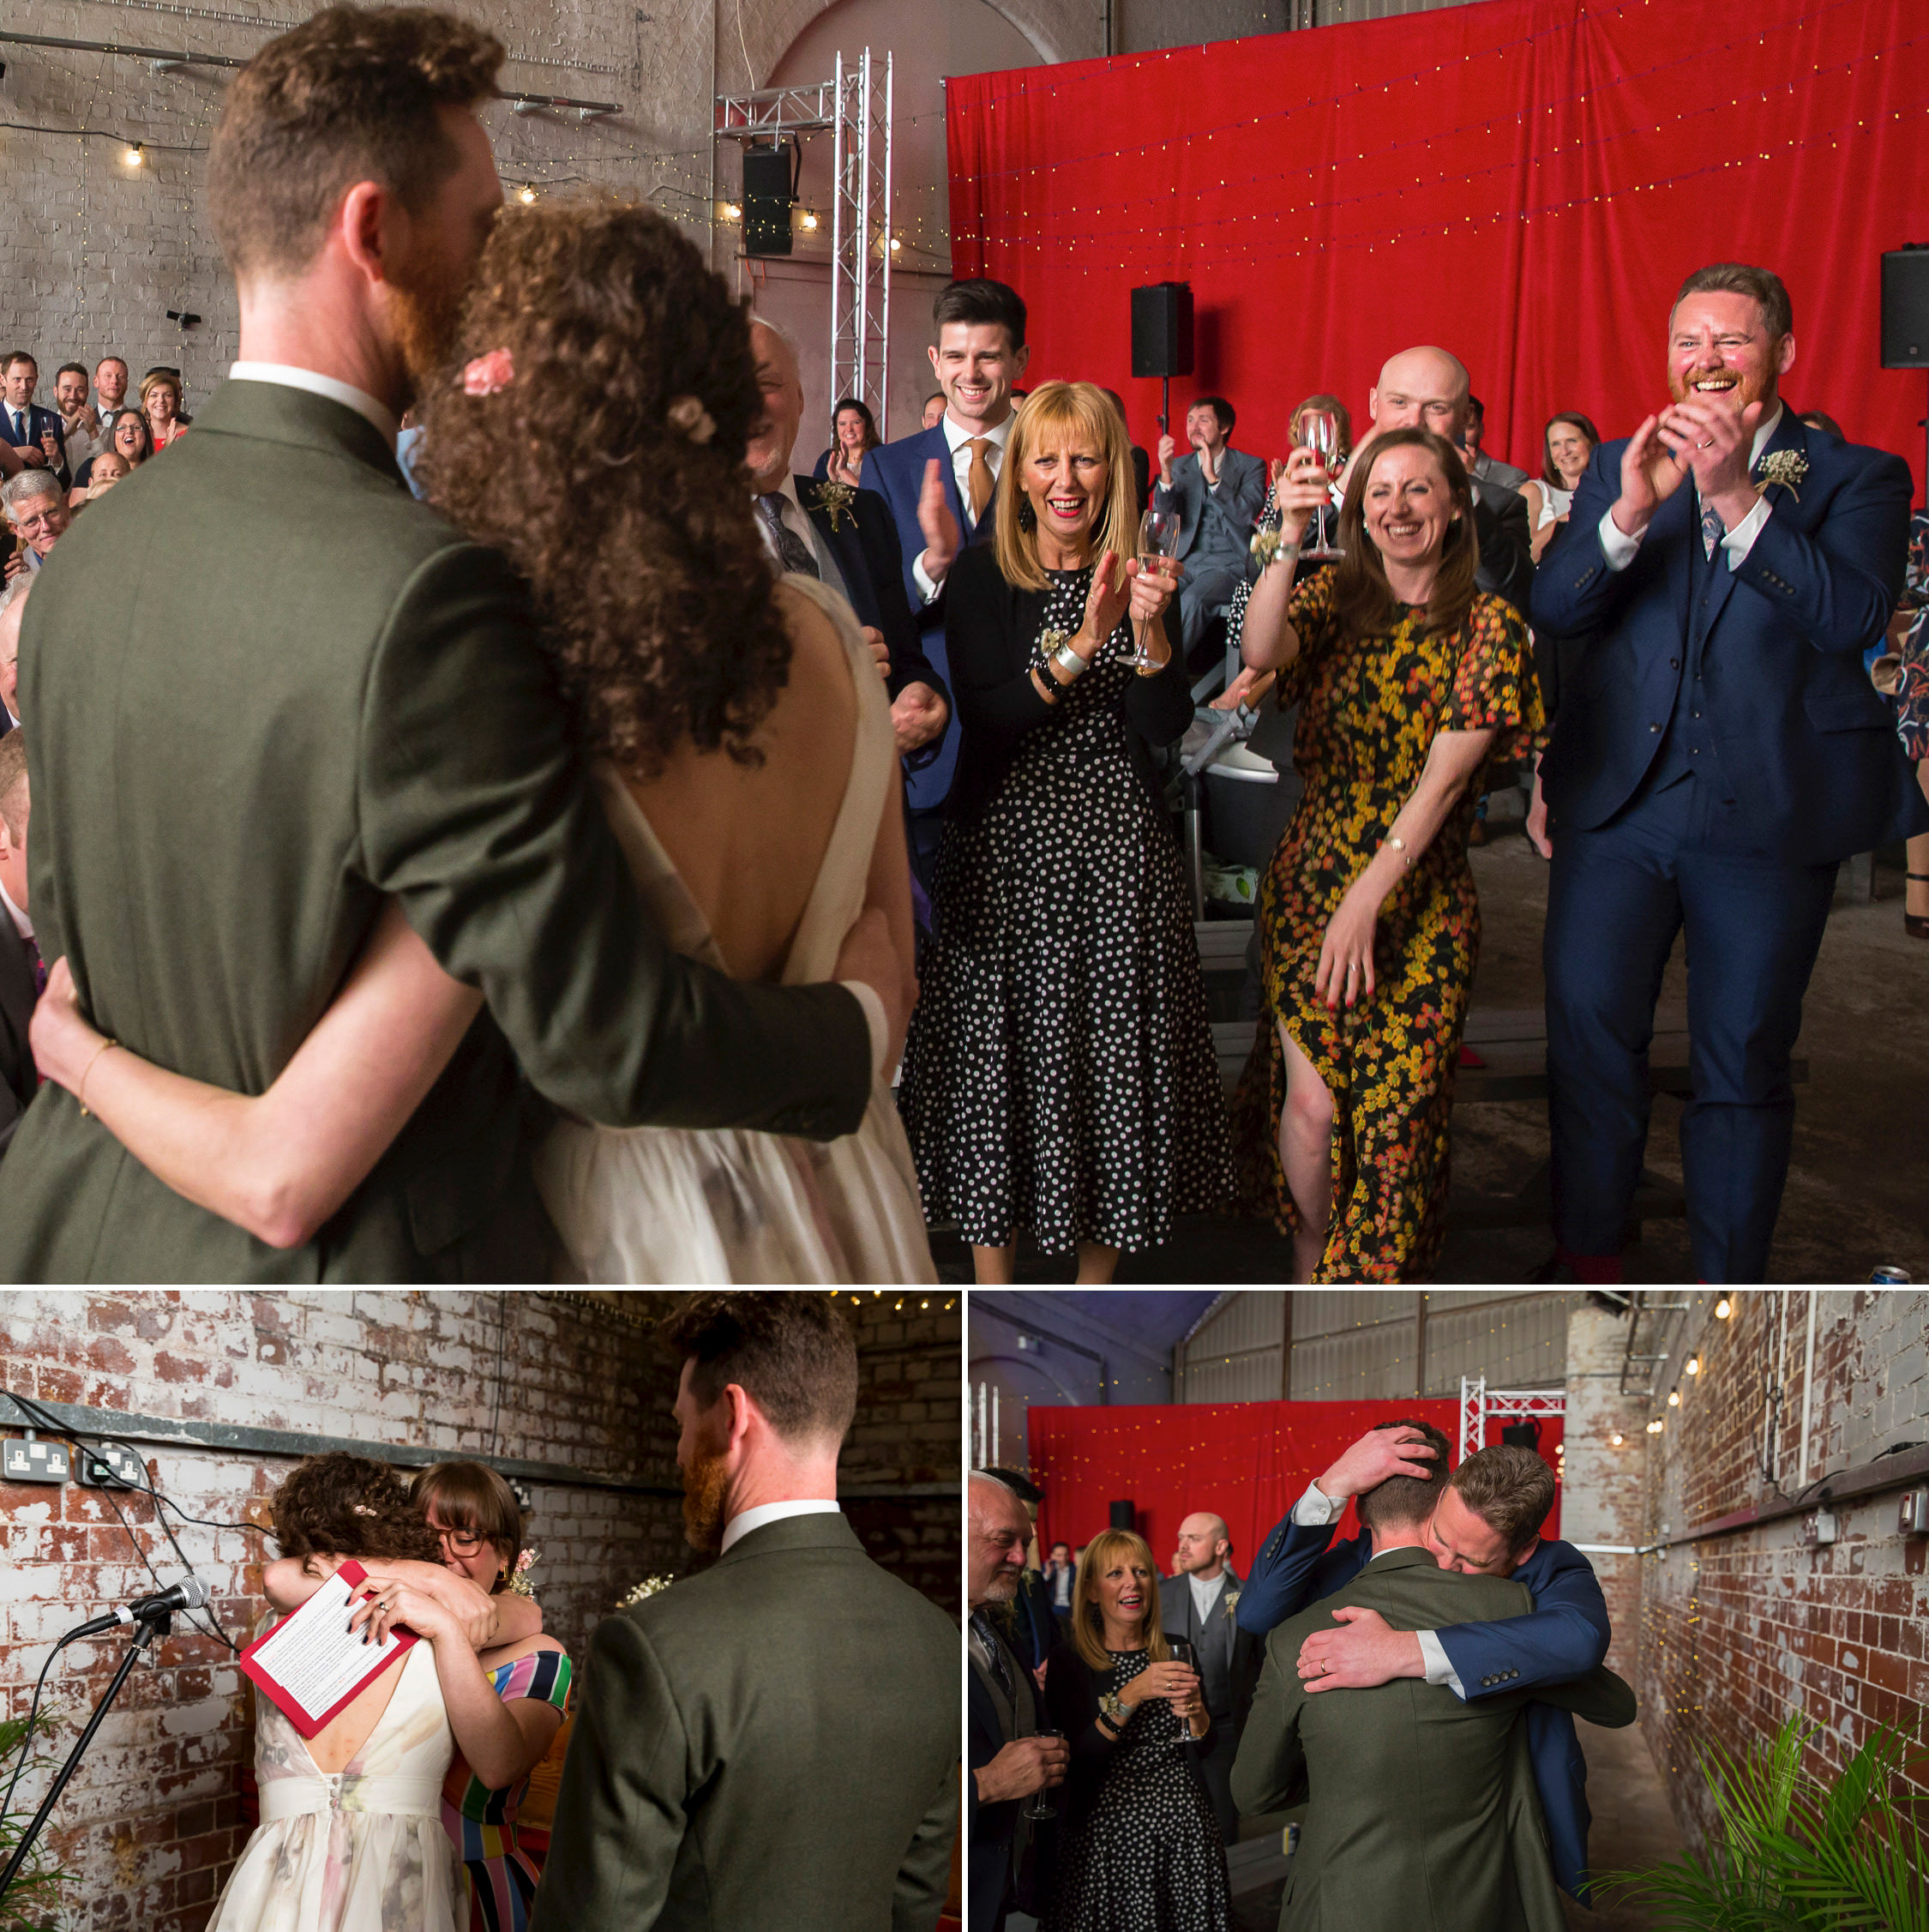 fairfield social club weddings